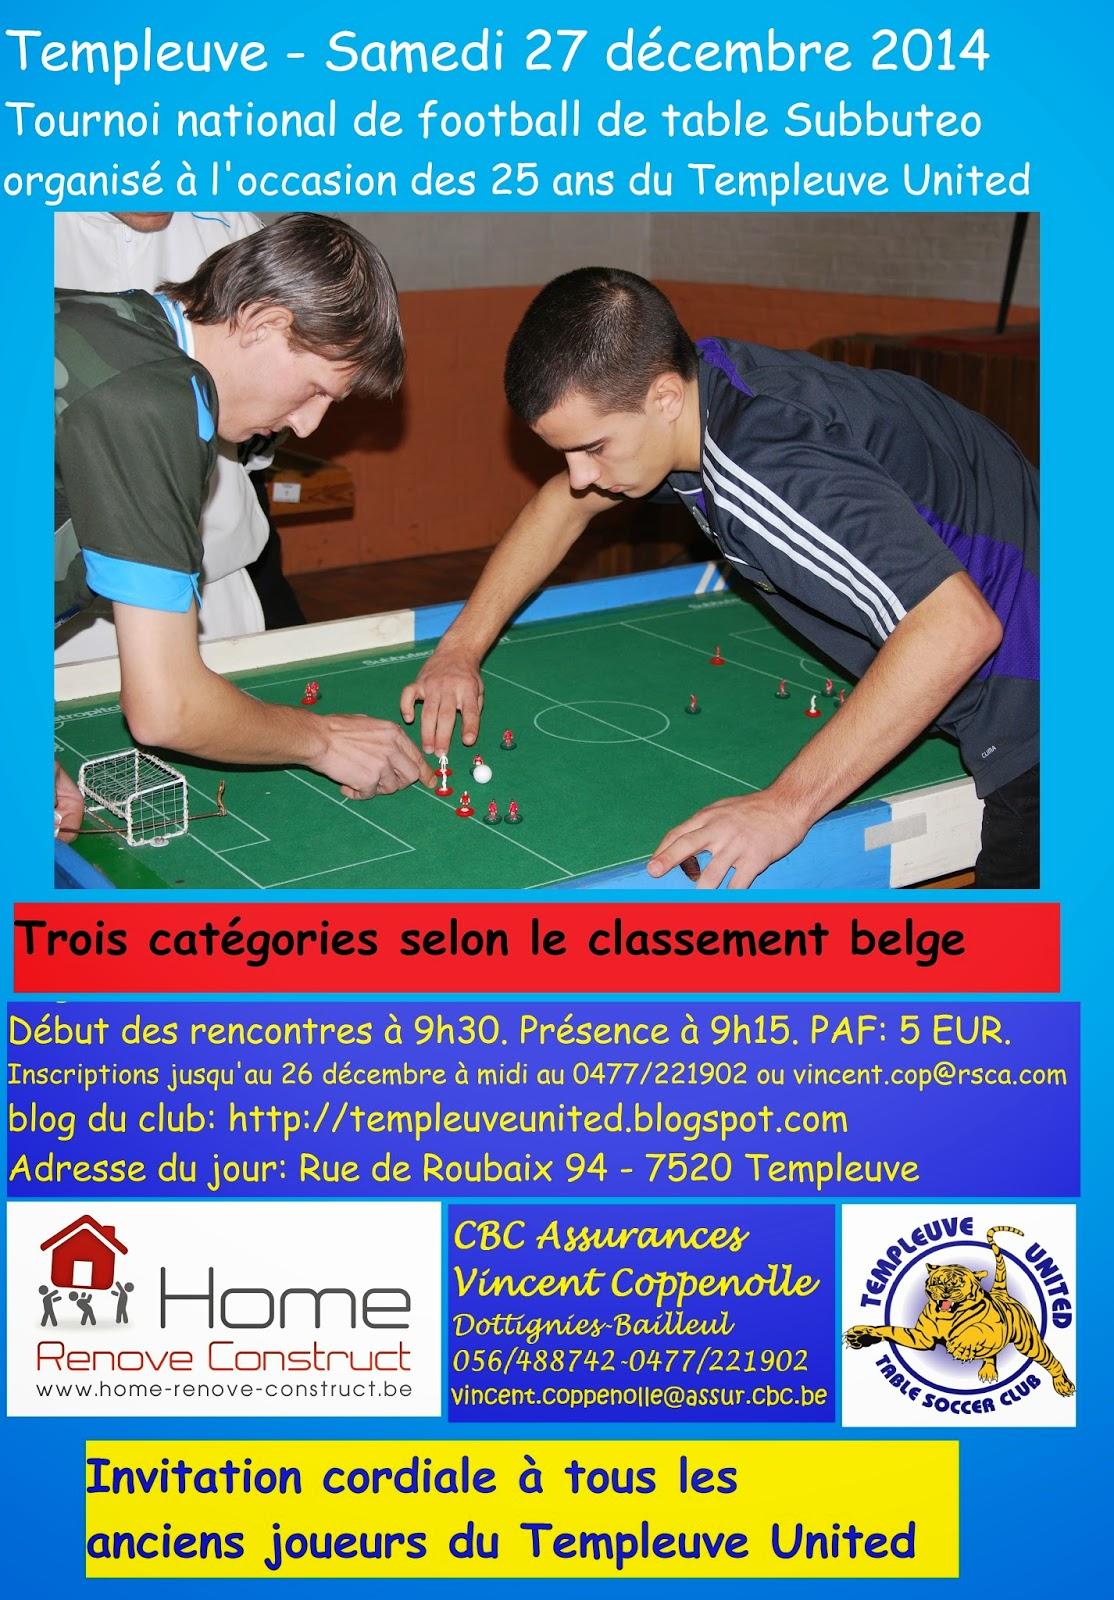 Tournoi national A de Templeuve - 27 décembre Affiche%2B-27-12-2014